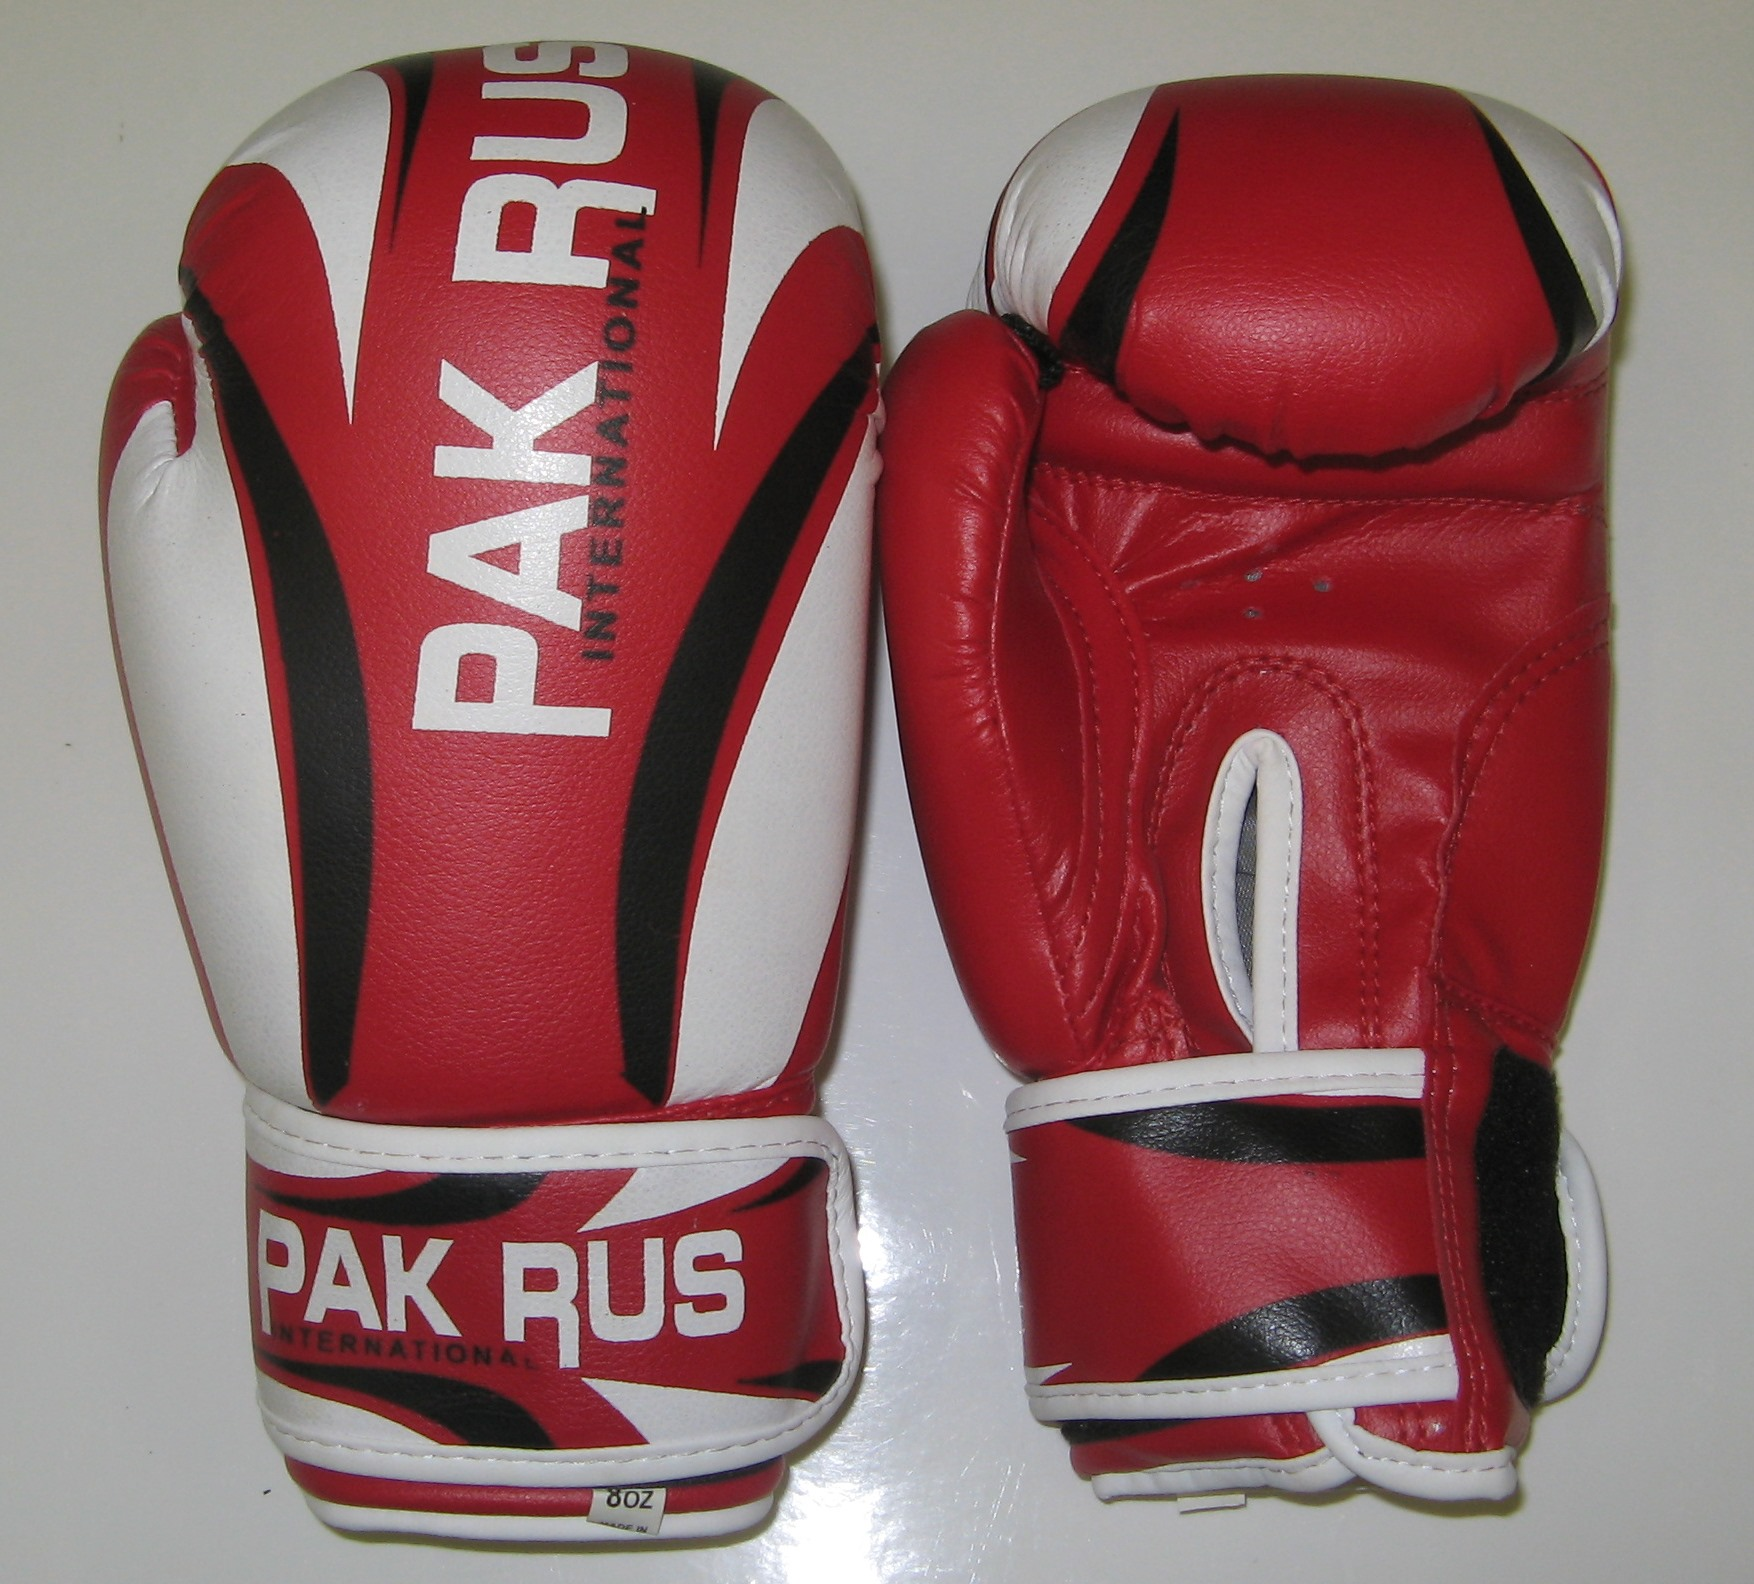 Перчатки боксерские Pak Rus, искусственная кожа, 8 OZ, PR-11-014 - артикул: 800950392